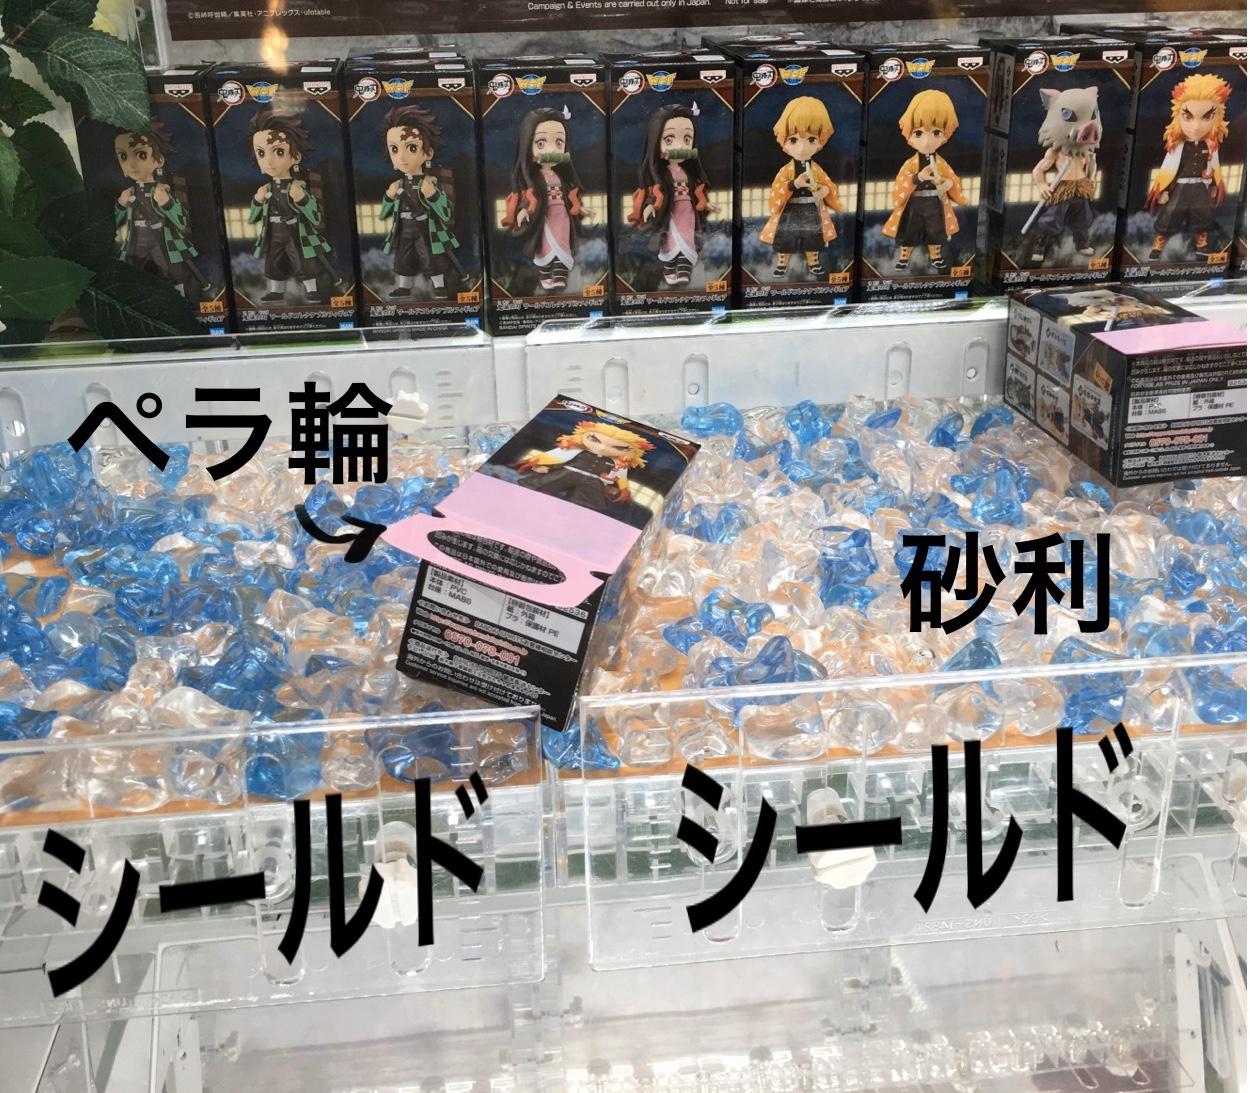 【攻略】砂利+ペラ輪で鬼滅の刃 ワールドコレクタブルフィギュアを最小手数で獲得する!